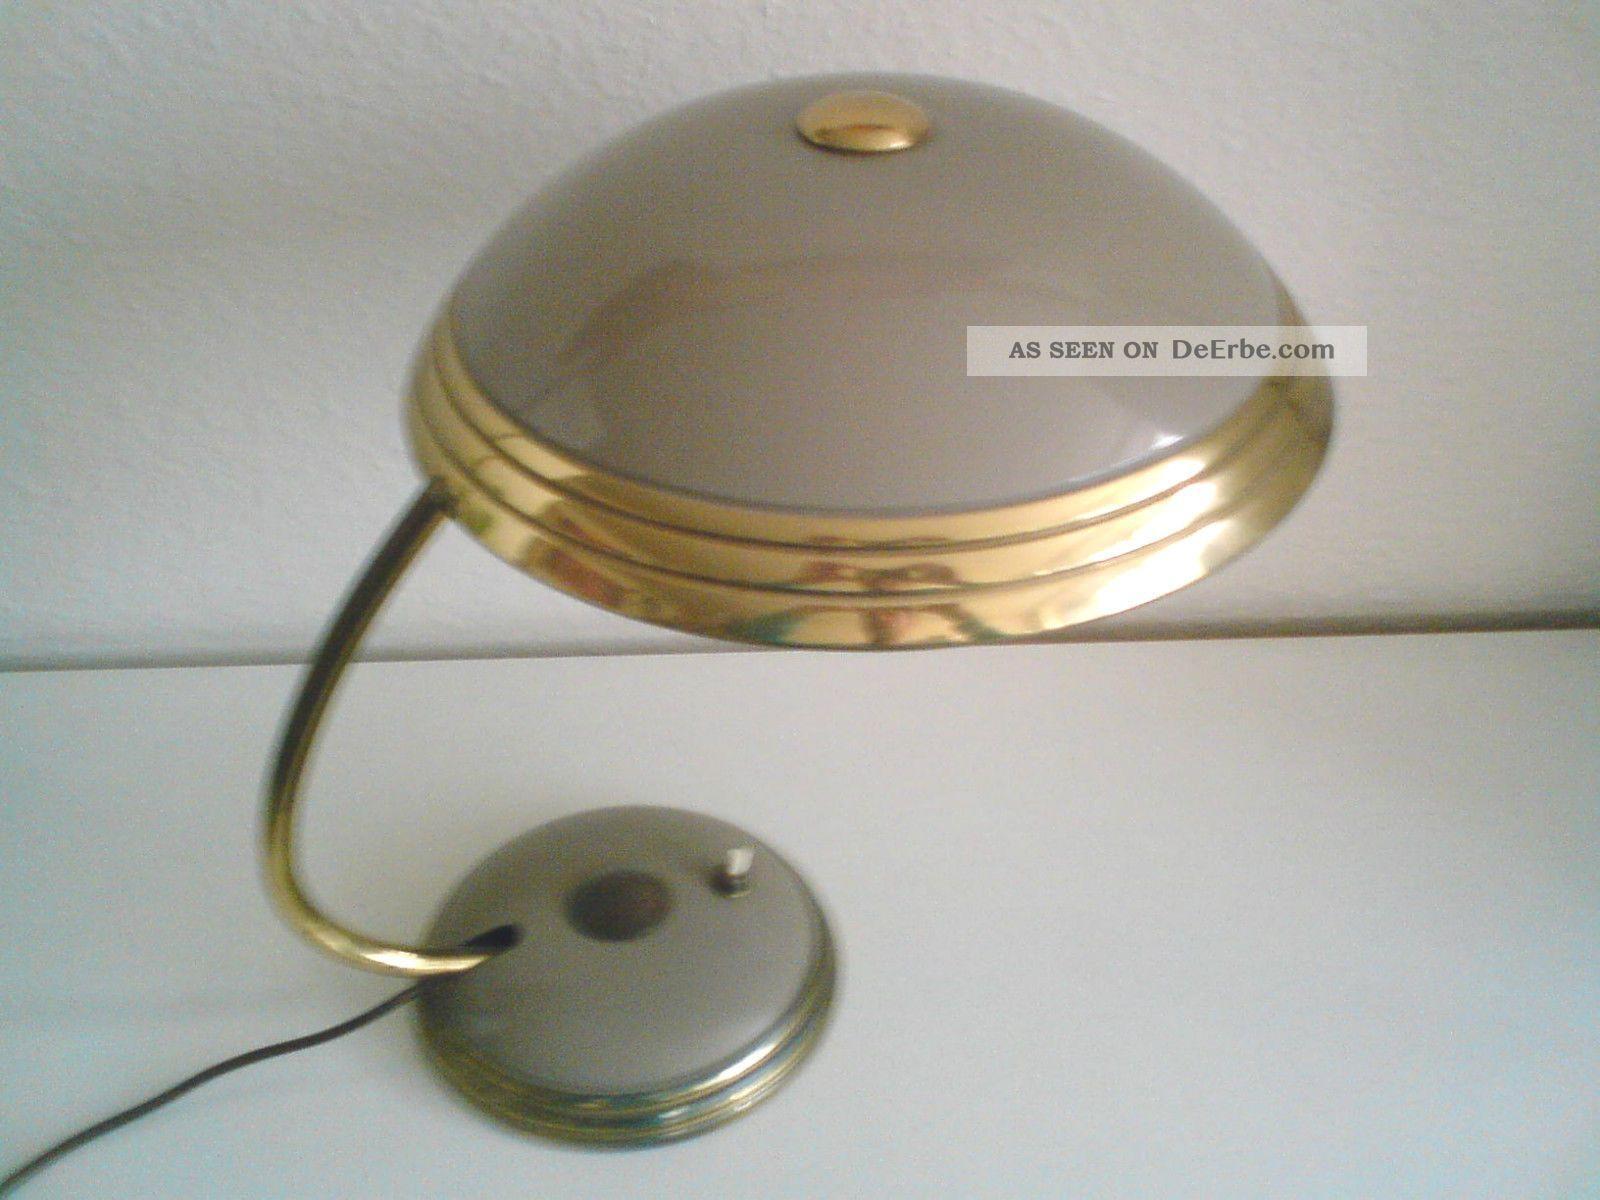 gro e helo designer tischlampe b rolampe schreibtischlampe bauhaus 50er jahre. Black Bedroom Furniture Sets. Home Design Ideas